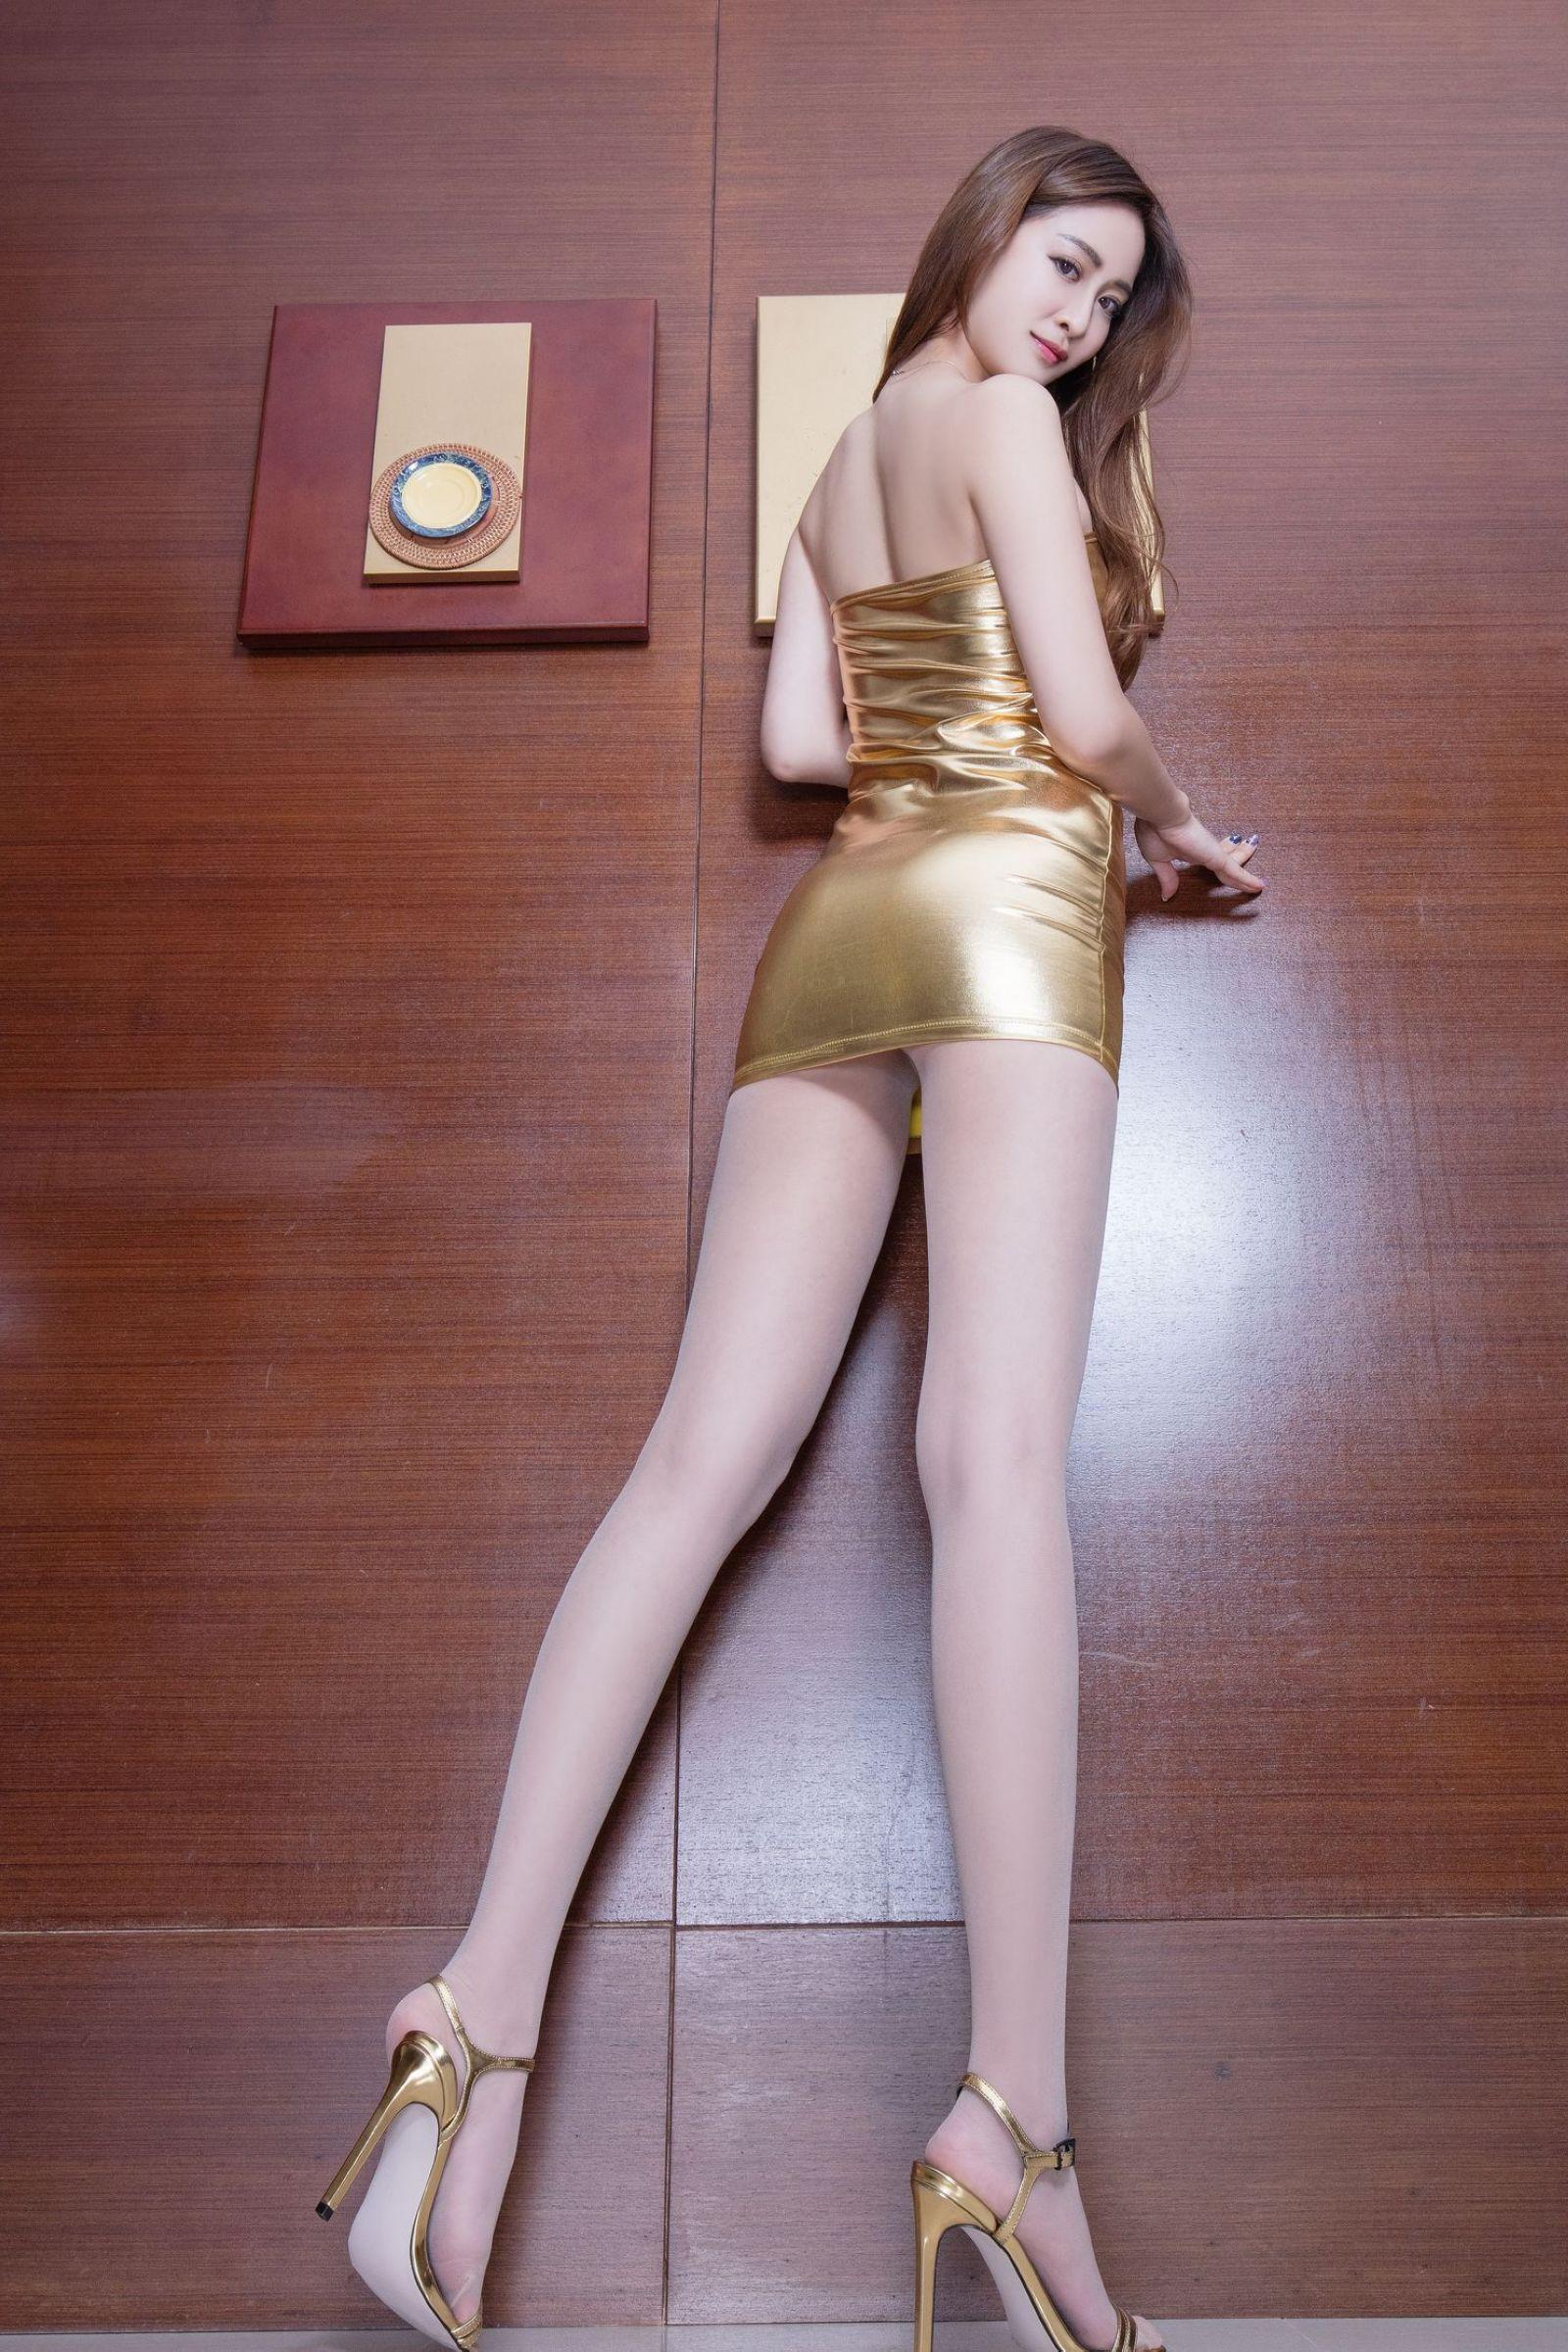 【转载】爱秀美腿秀Kaylar2 - 飞哥的日志 - 网易博客 - jlslnsh2014 - jlslnsh2014的博客